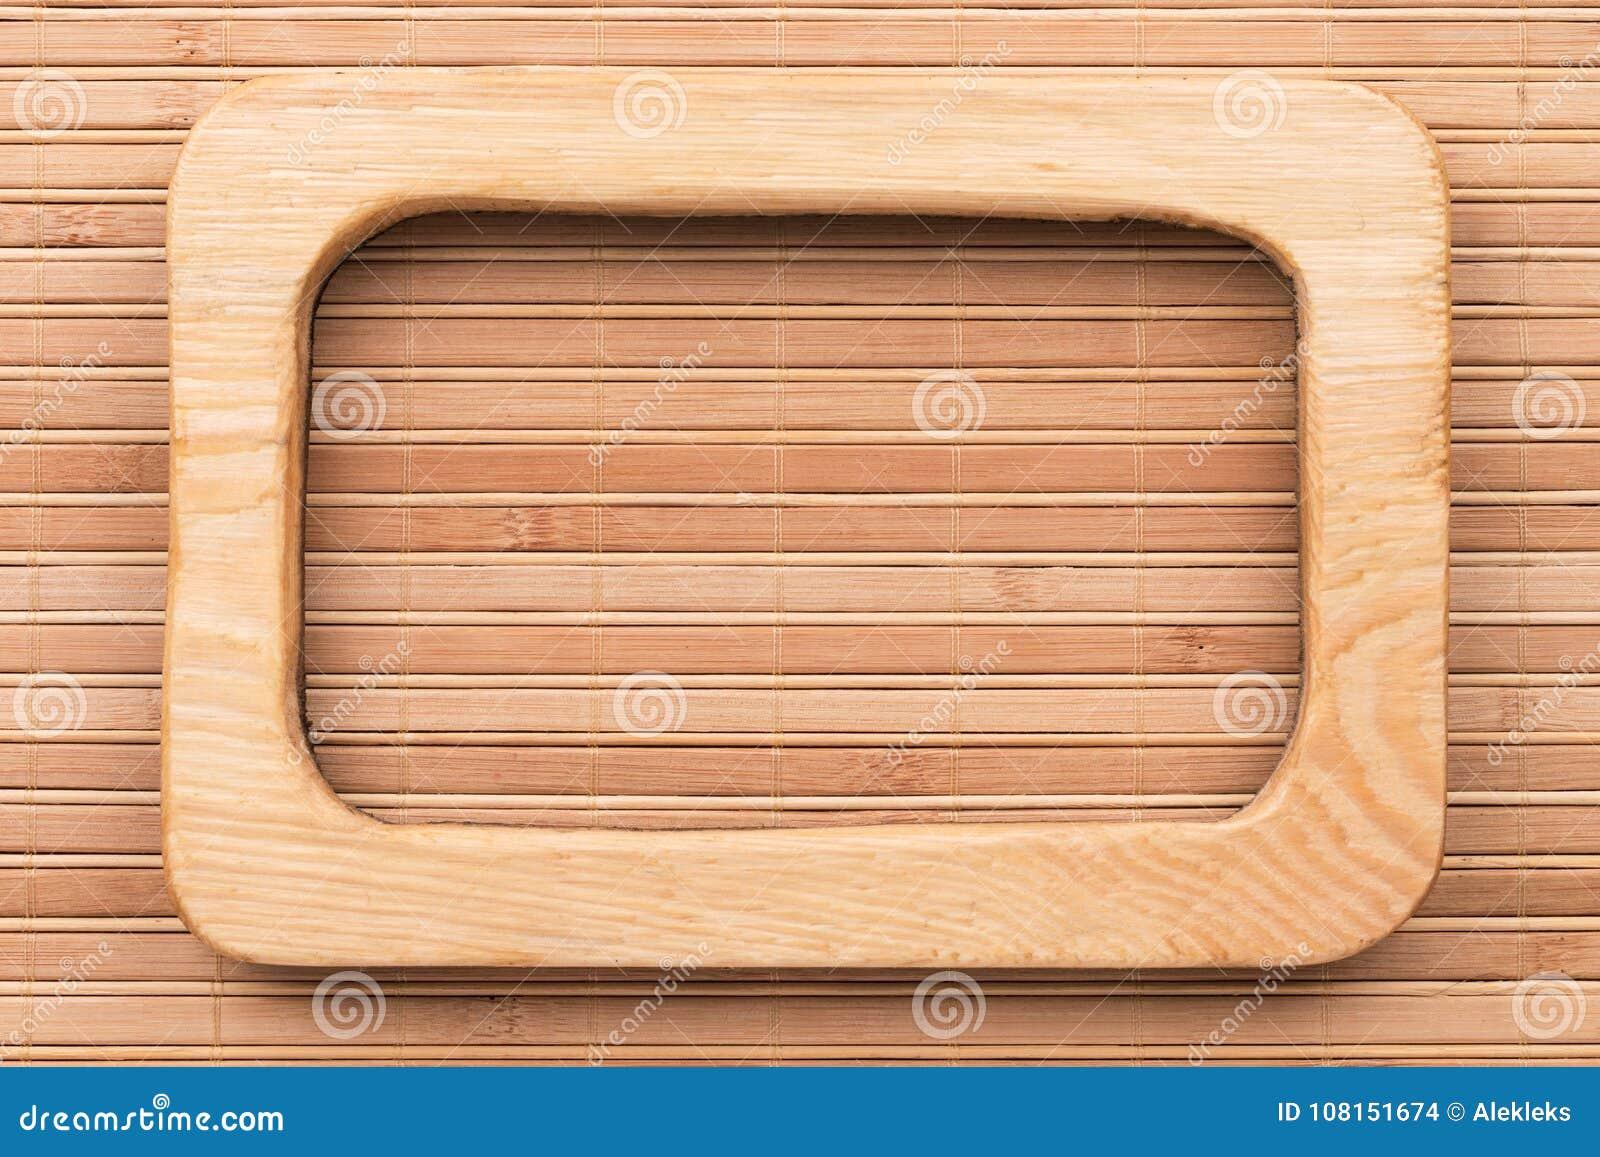 Beautiful One-piece Light Wooden Frame, Lies On Bamboo Mat. Stock ...